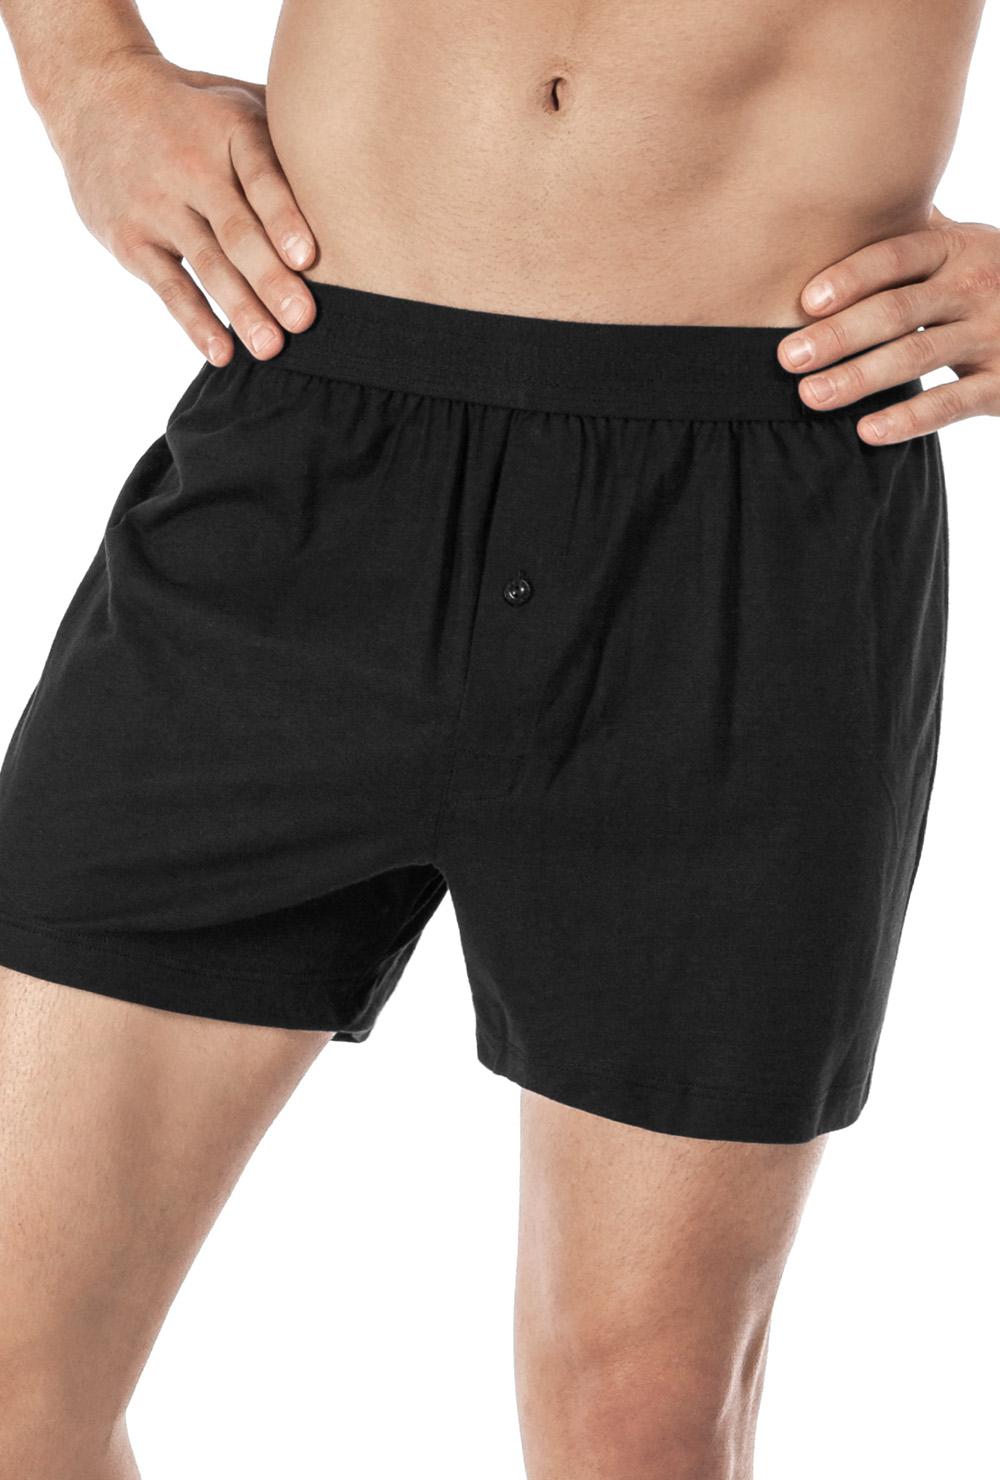 Skiny Herren Boxer Shorts Olymp mit Eingriff 82327 - Unterwäsche Webshop 61c37348ed